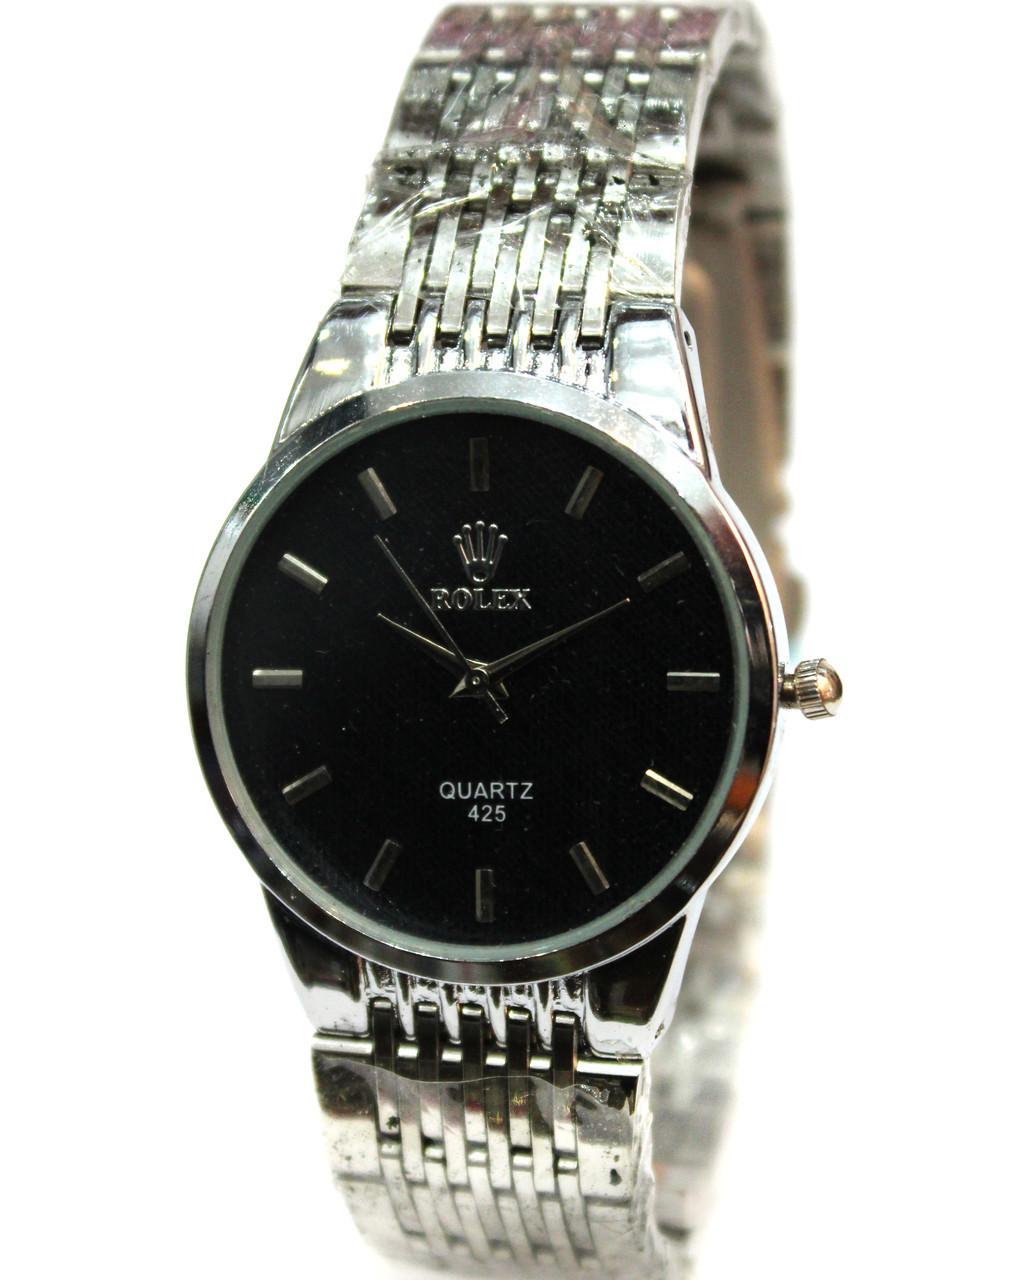 74a03fb5fc52 Rolex металлические часы - OptMan - самые низкие цены в Украине в Харькове